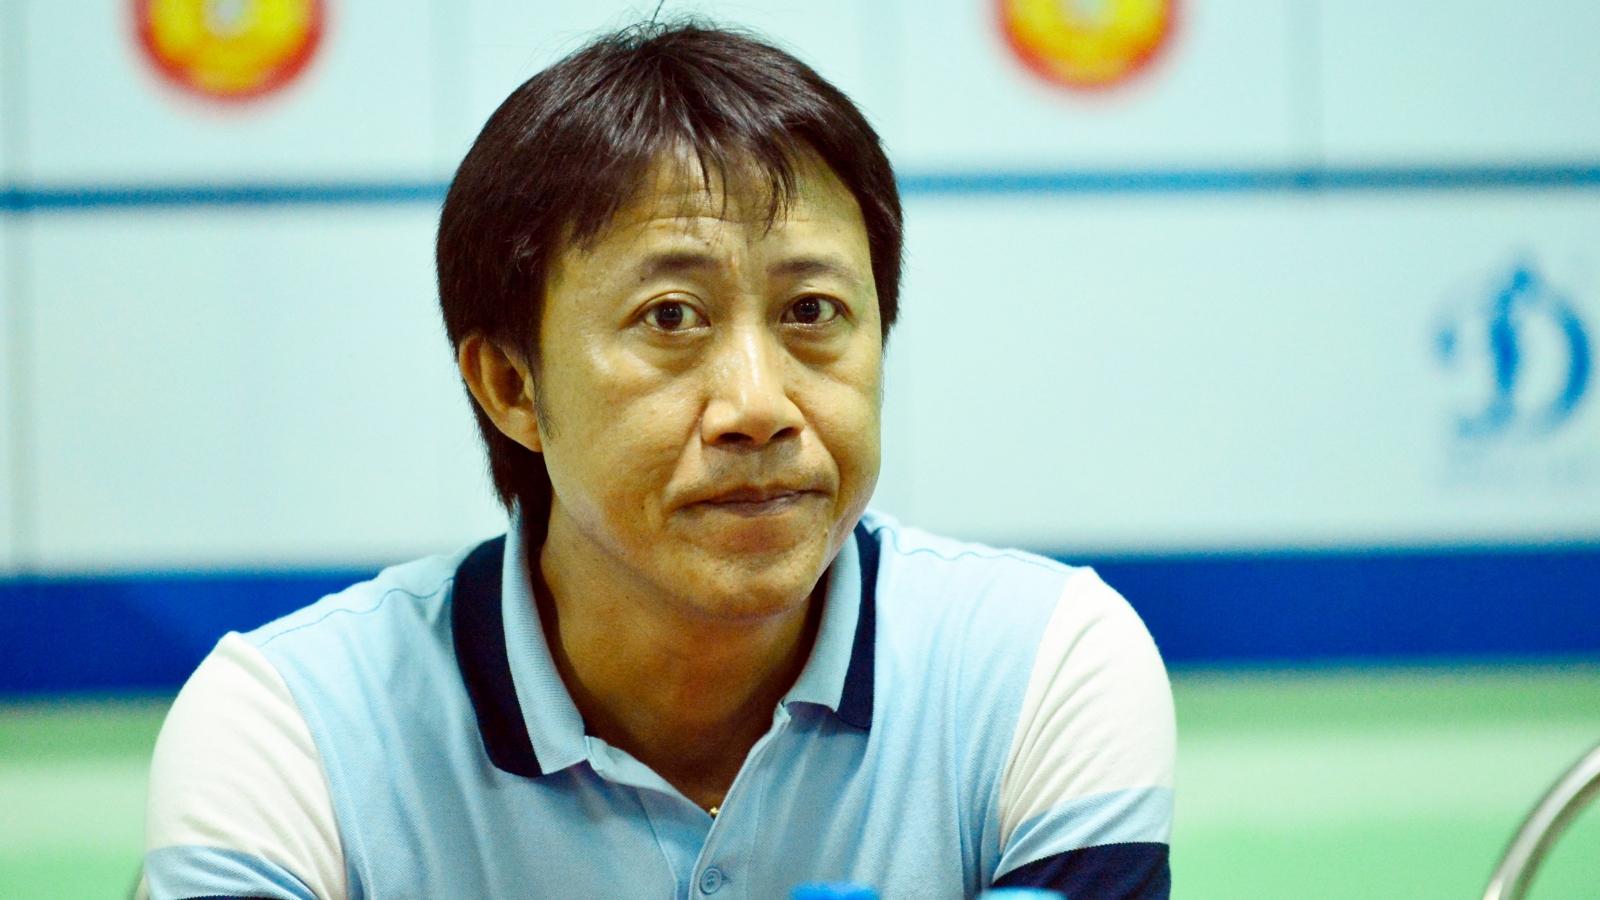 CLB Thanh Hóa họp đội, chuẩn bị chia tay HLV Thành Công